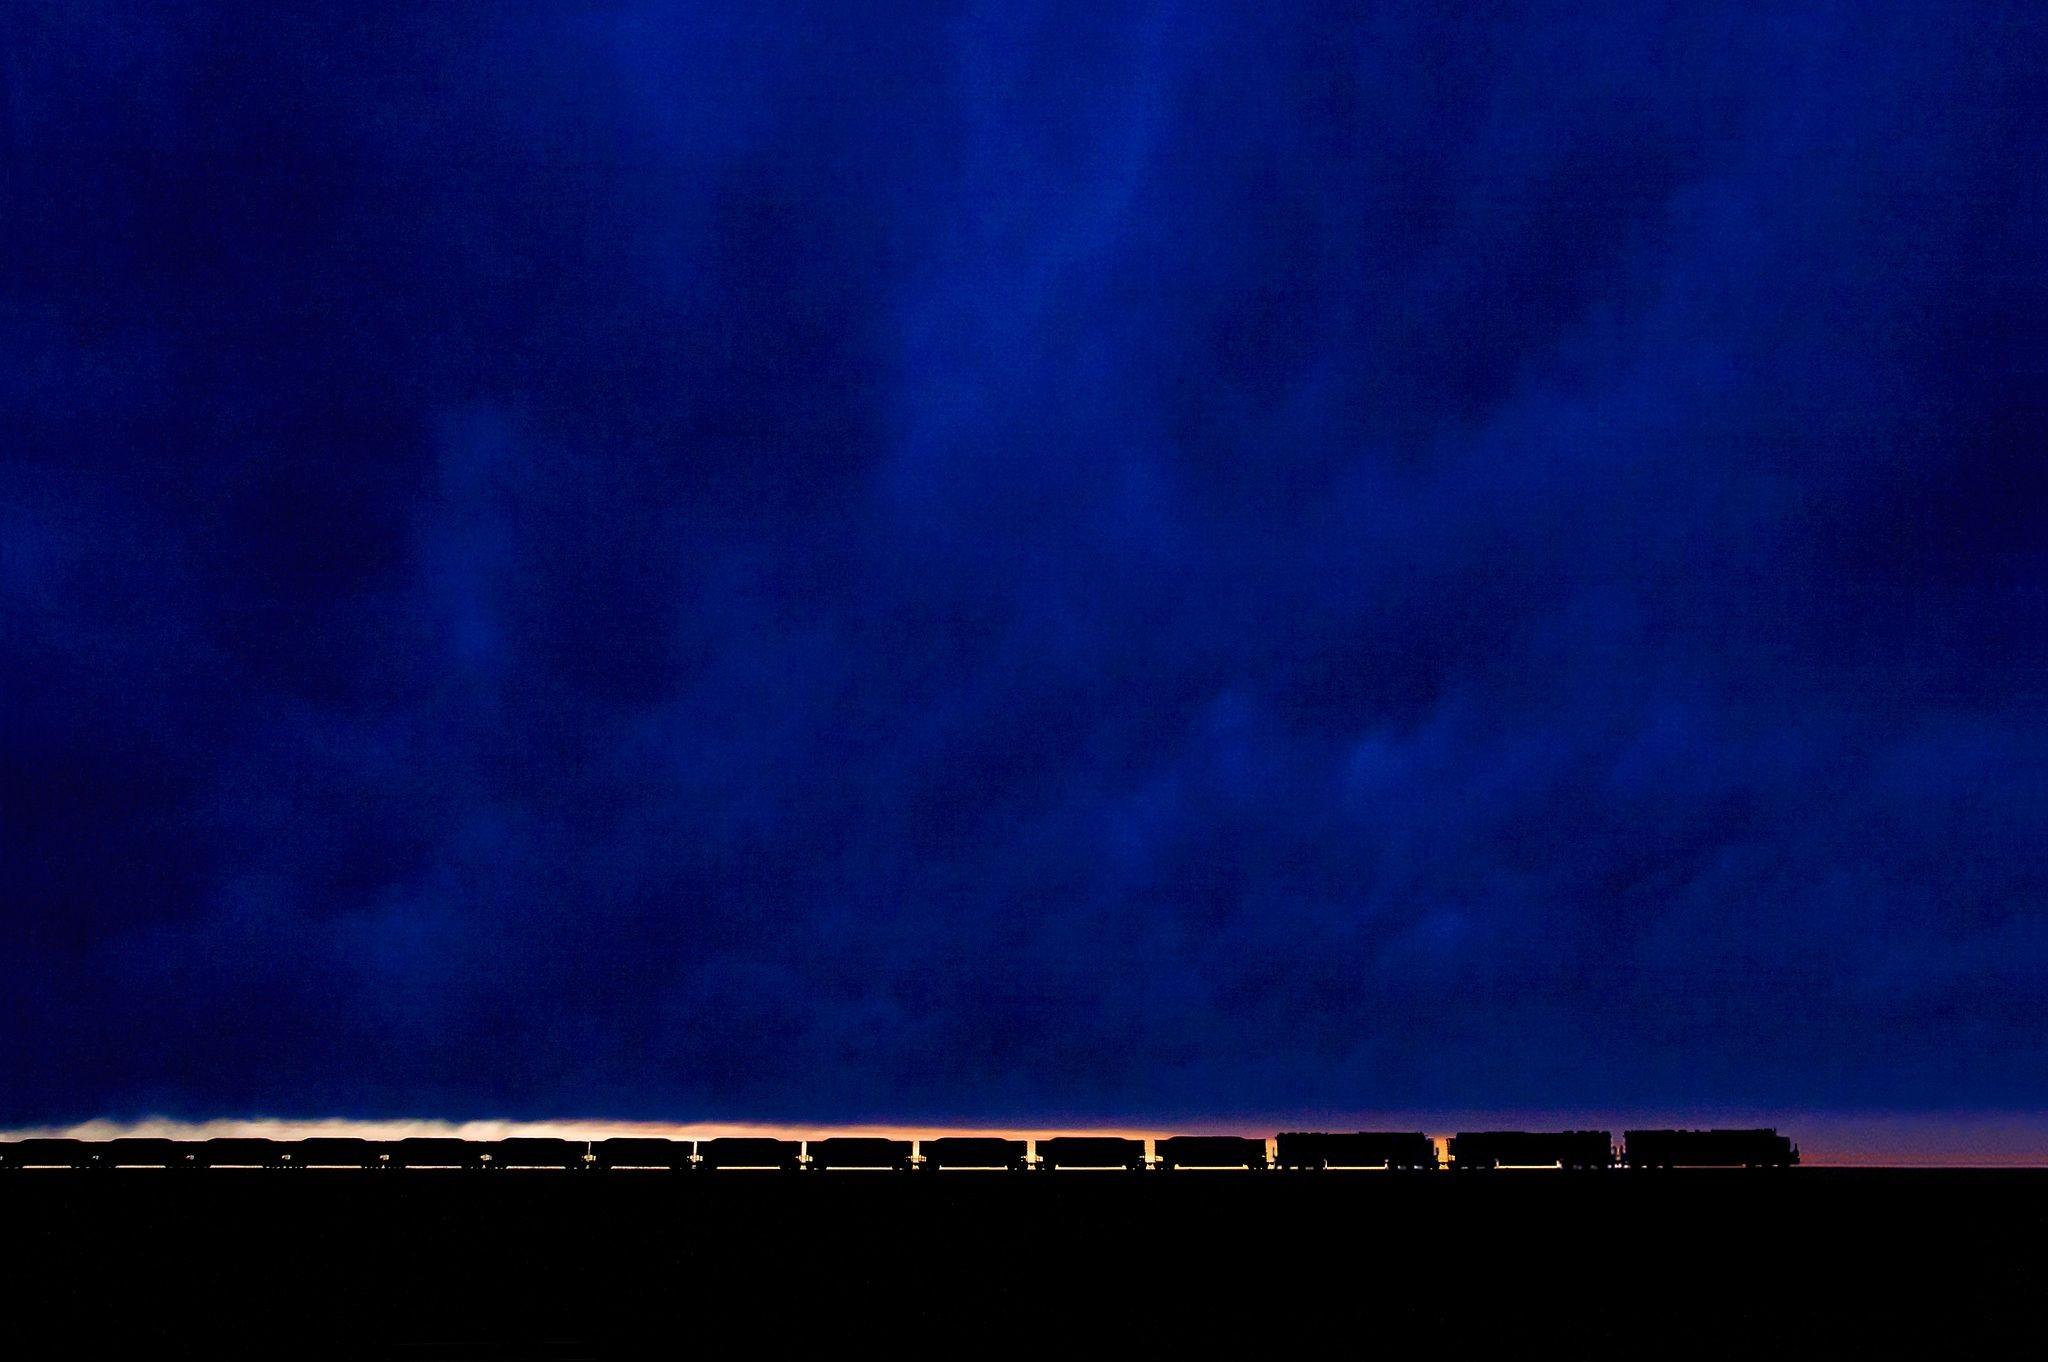 Sfondi Luce Del Sole Notte Minimalismo Riflessione Cielo